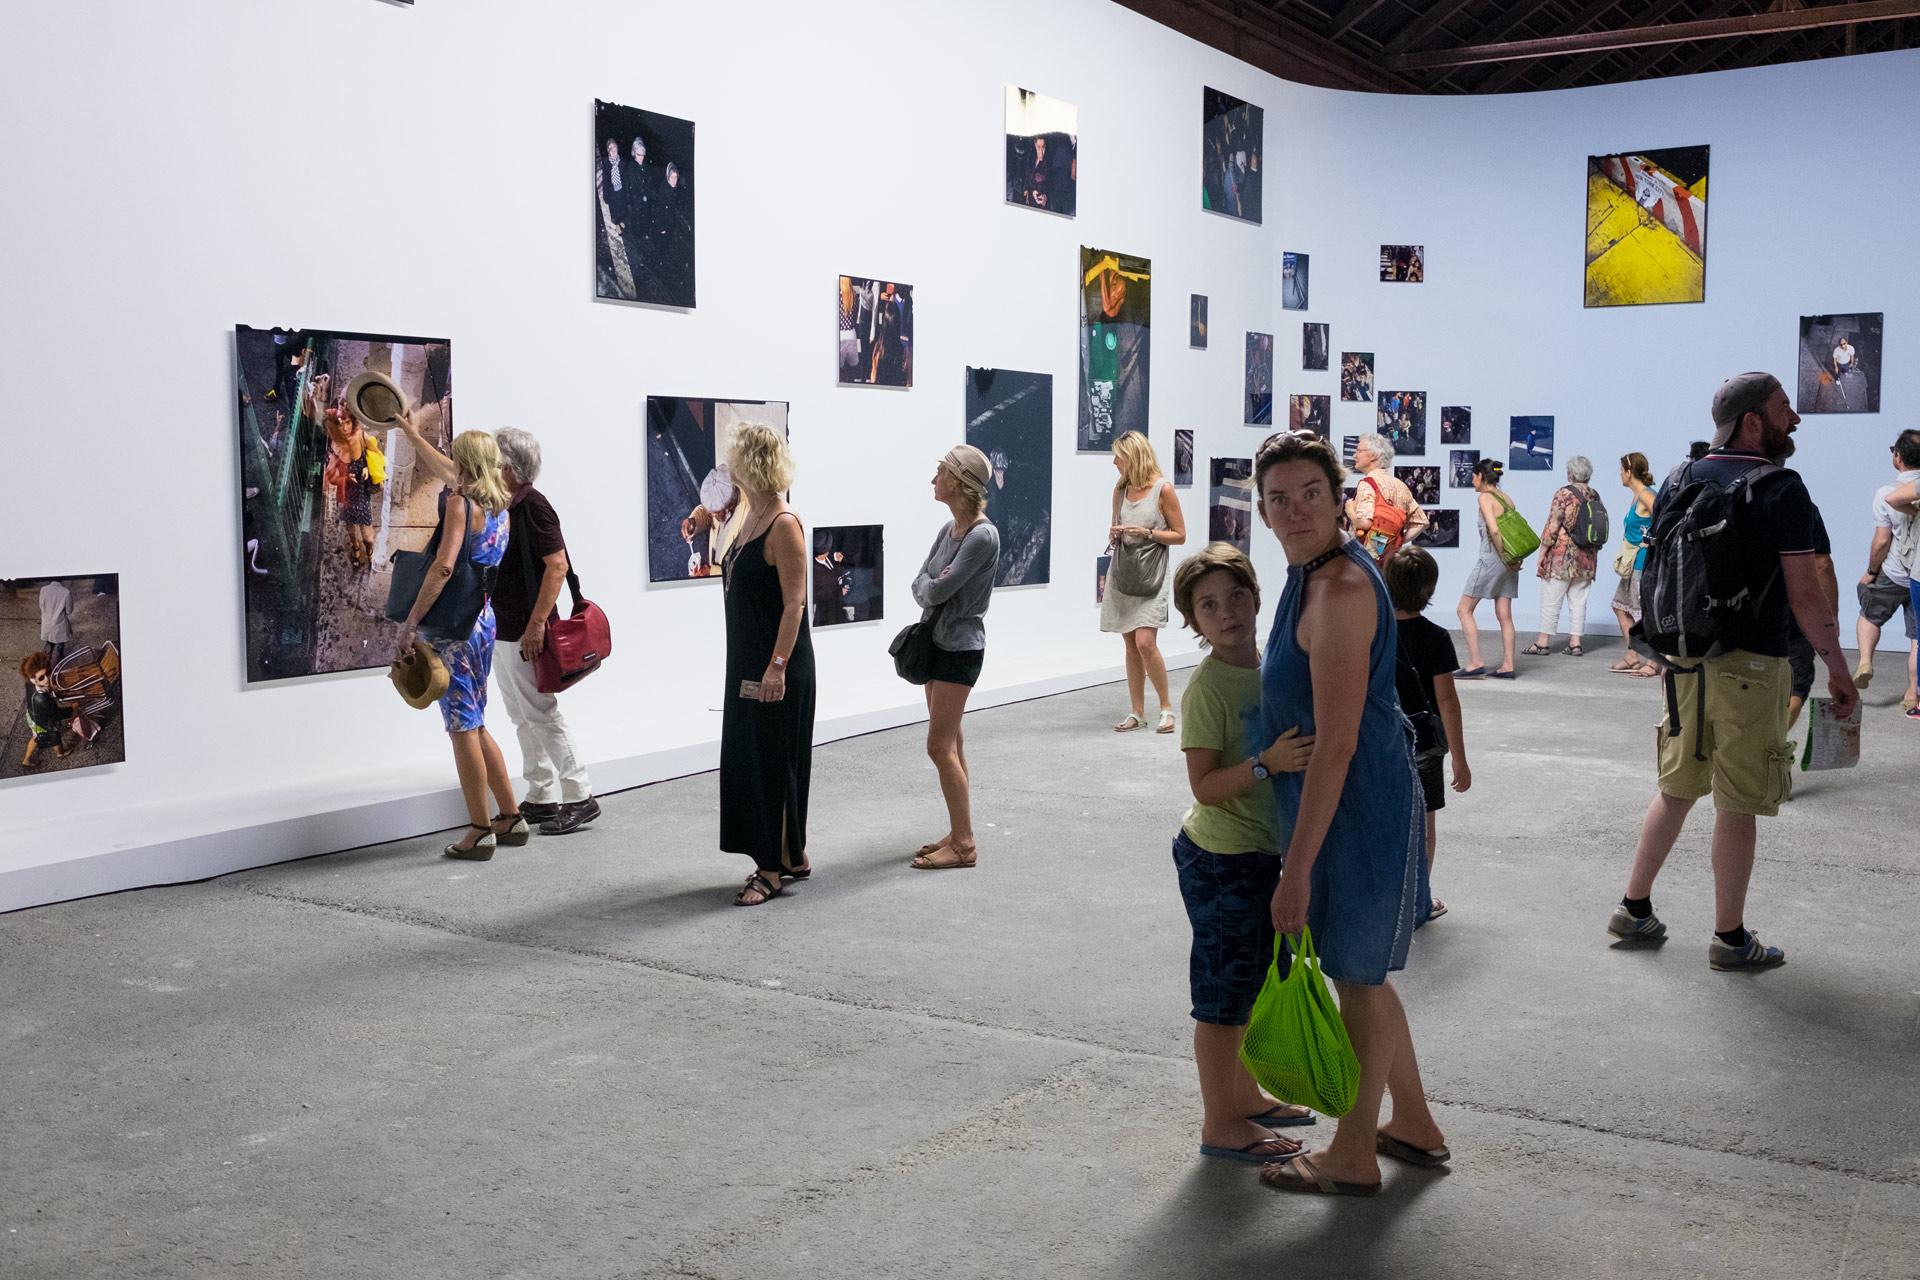 Que visiter à Arles cet été 2016 ? 12